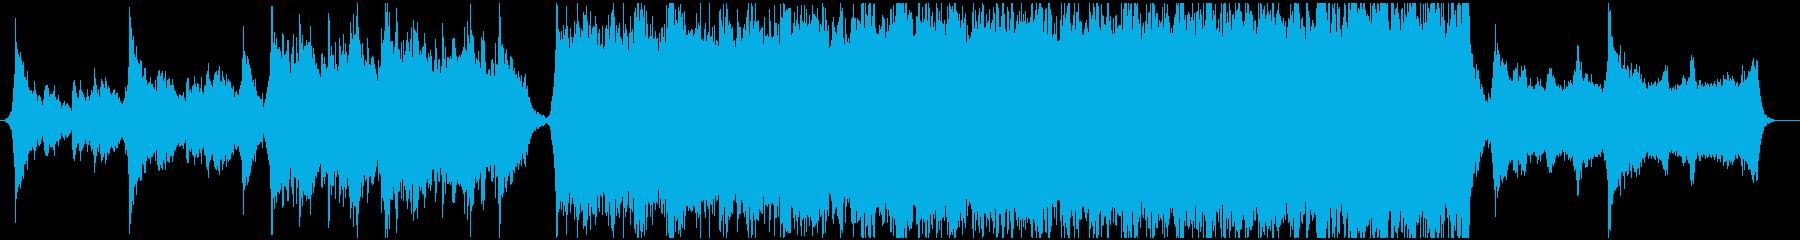 威厳、風格のあるエピック系BGMの再生済みの波形